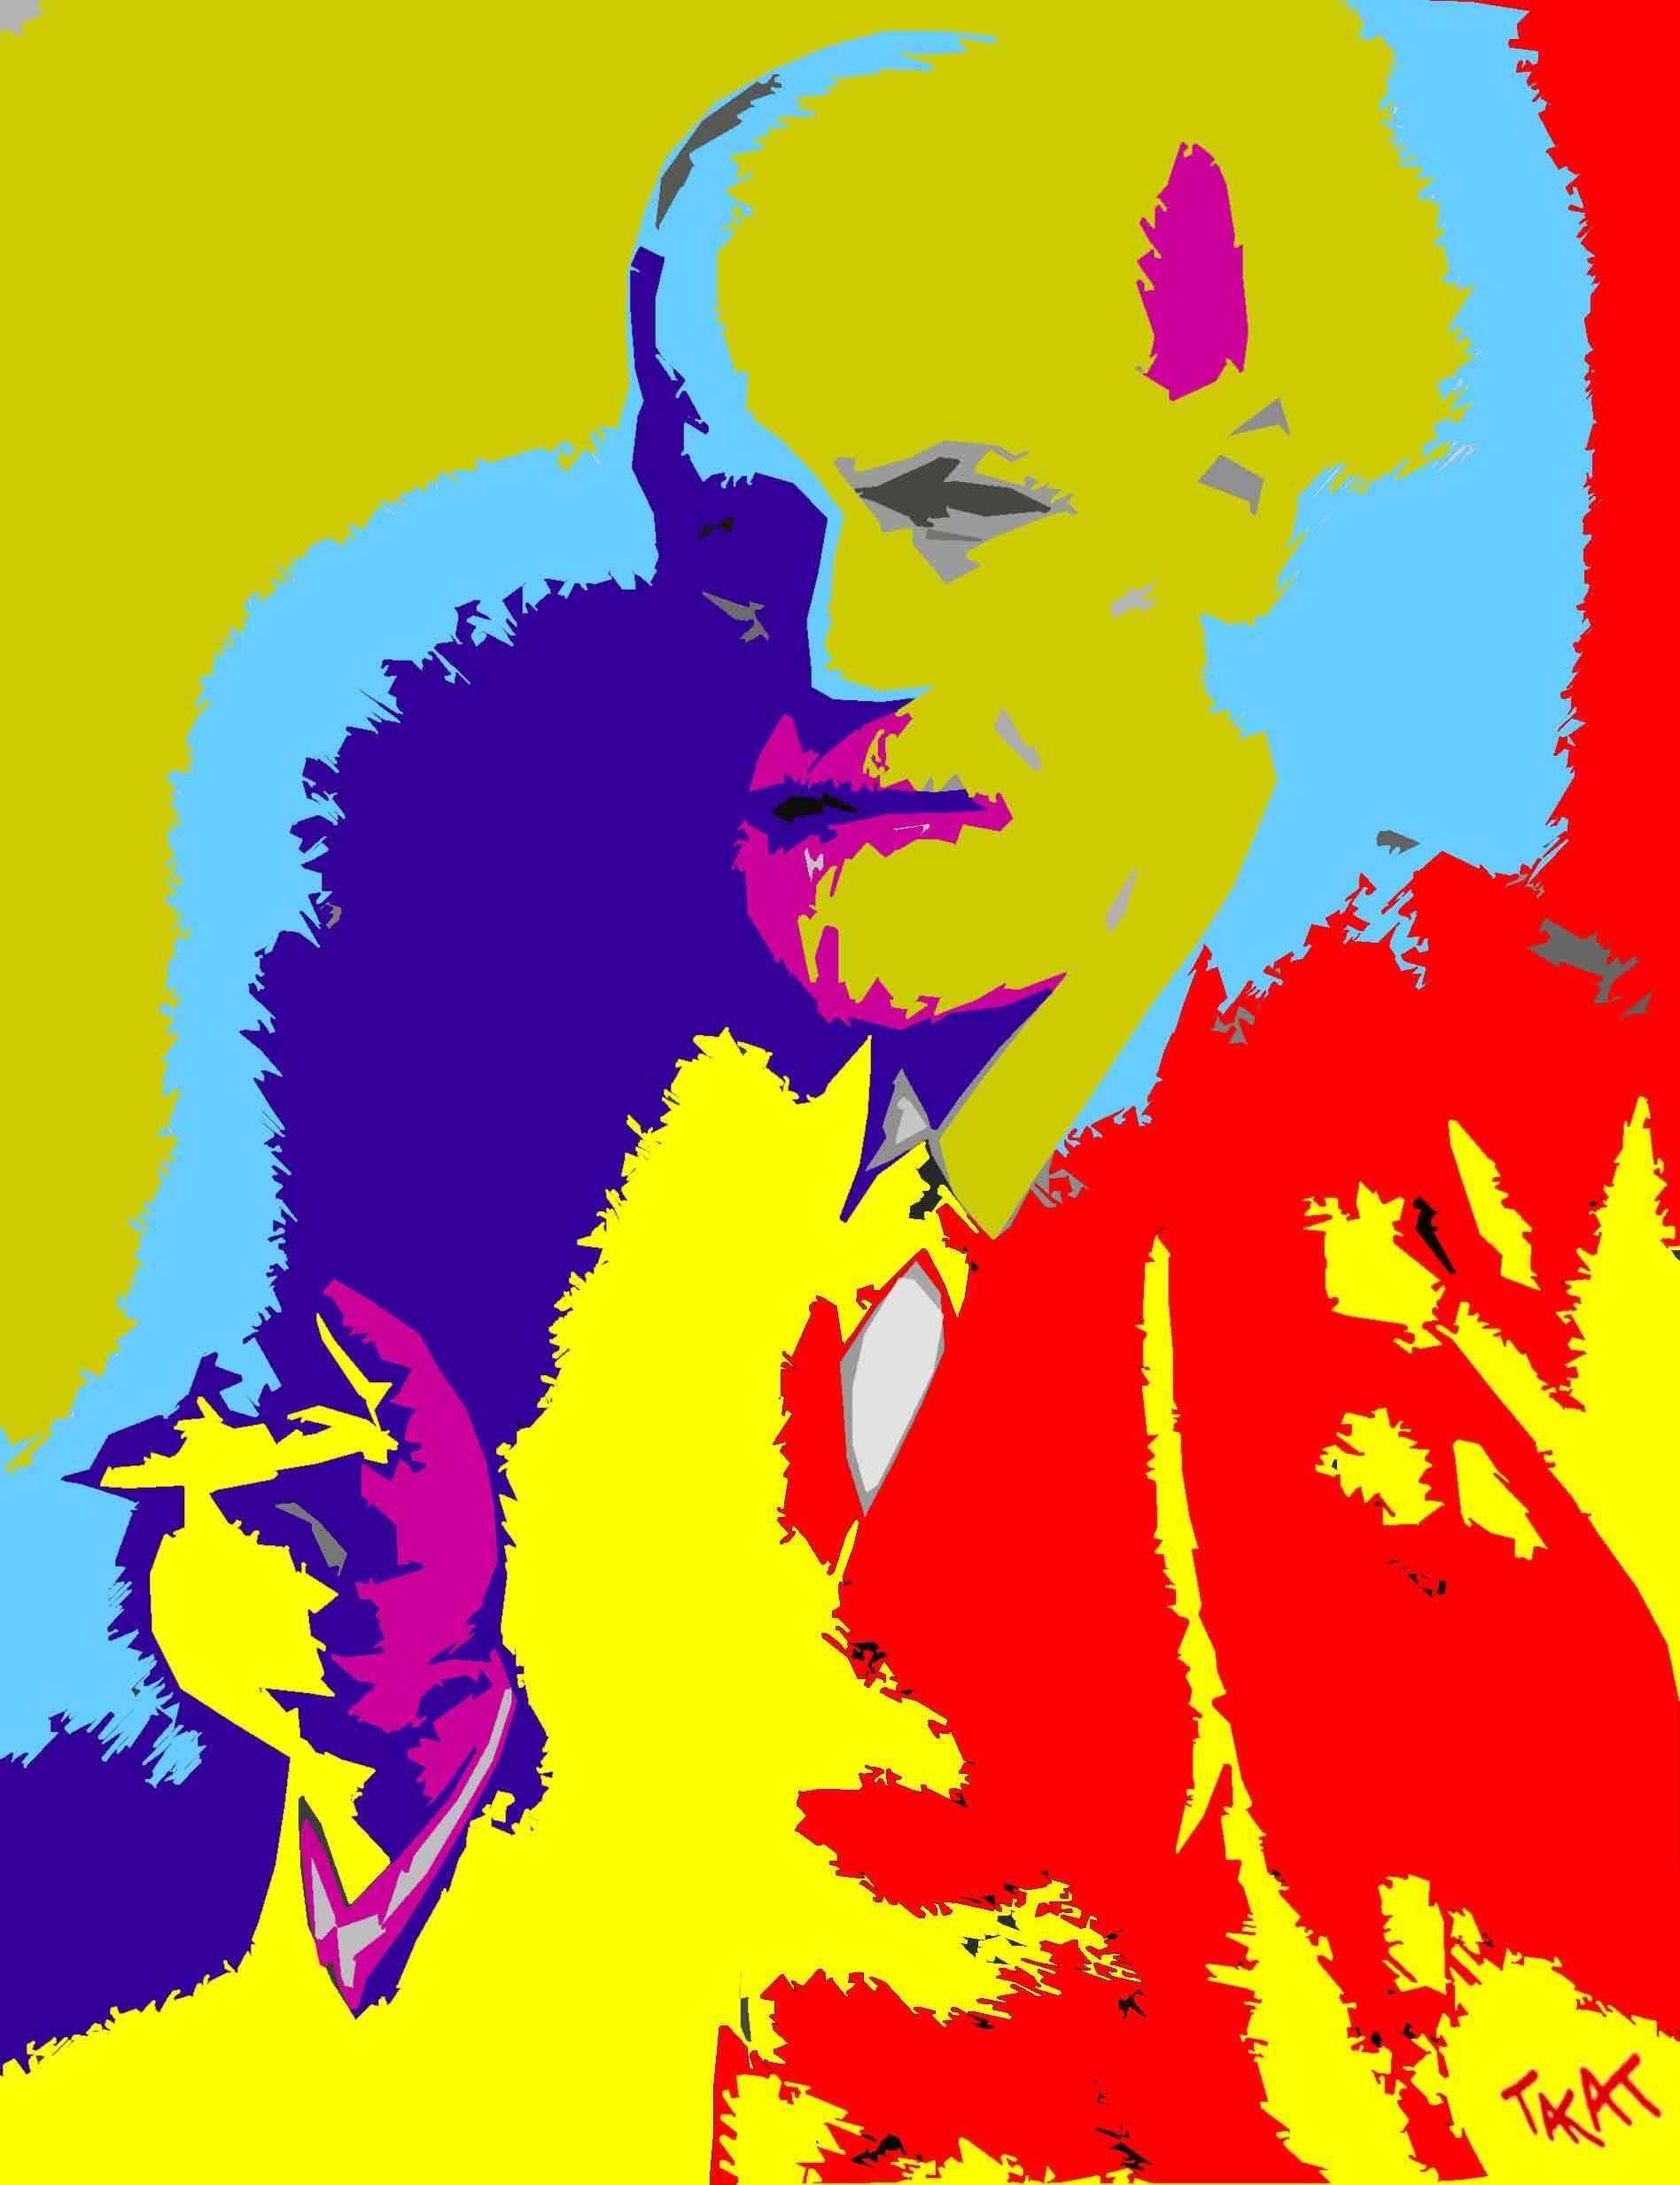 http://www.takat.de/assets/images/Sigmund-Freud.jpg